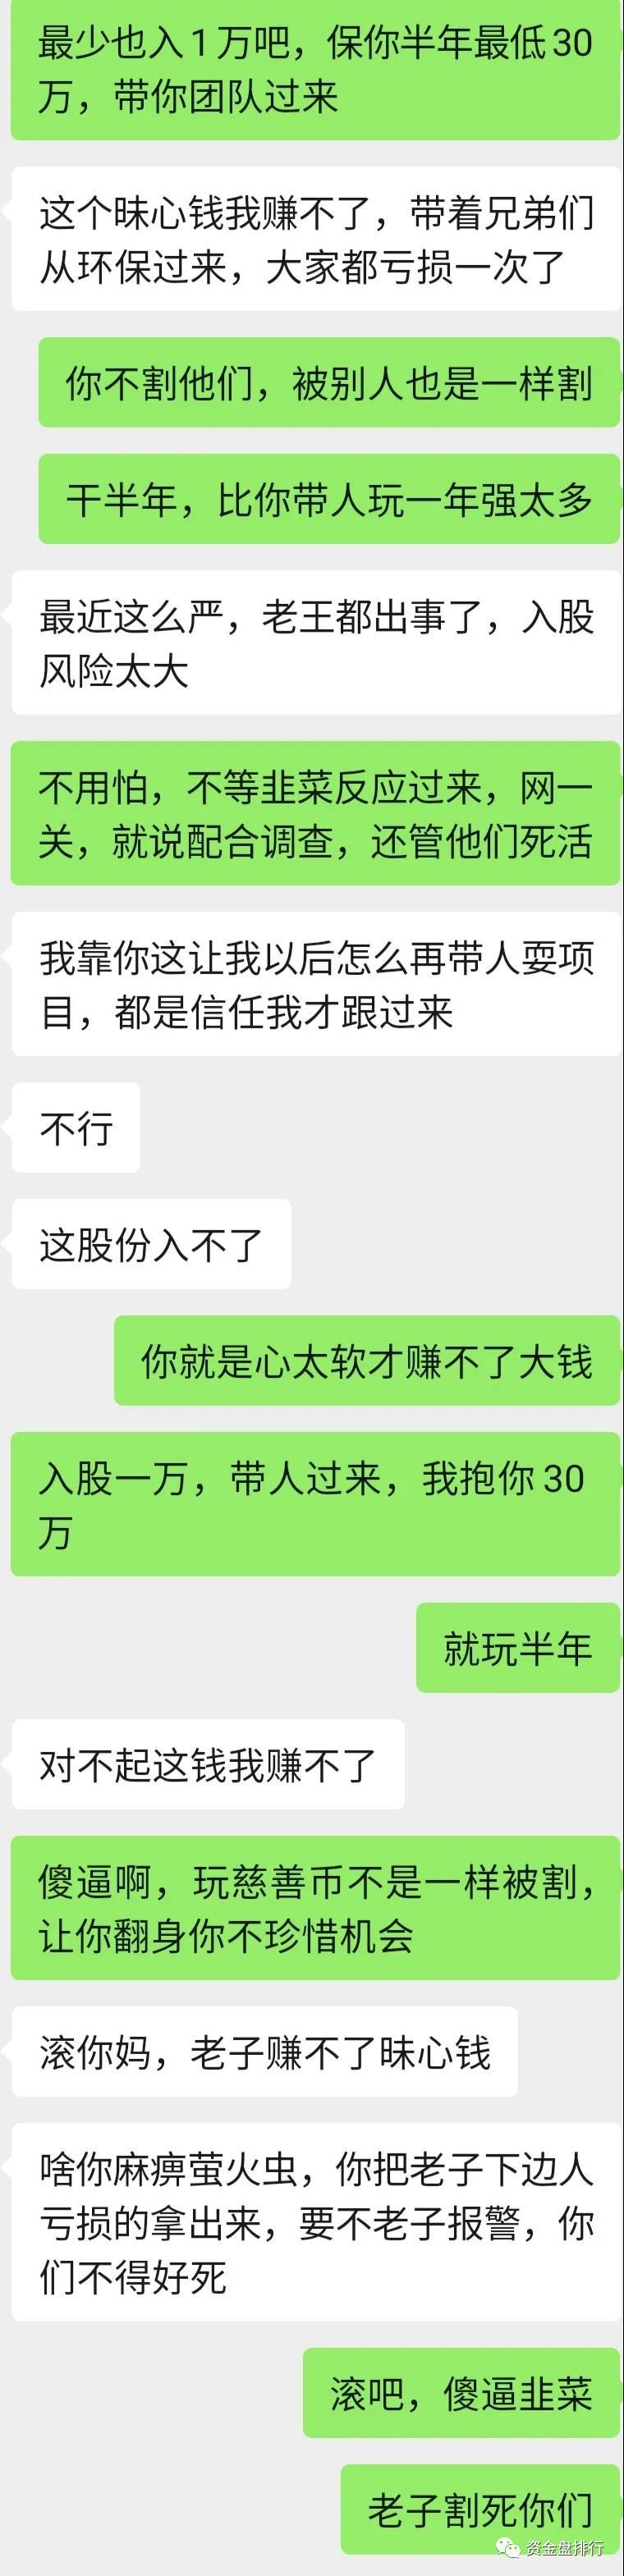 """【曝光】""""慈善币""""转卖数据给萤火虫,你们结局就是再次被割!!!插图3"""